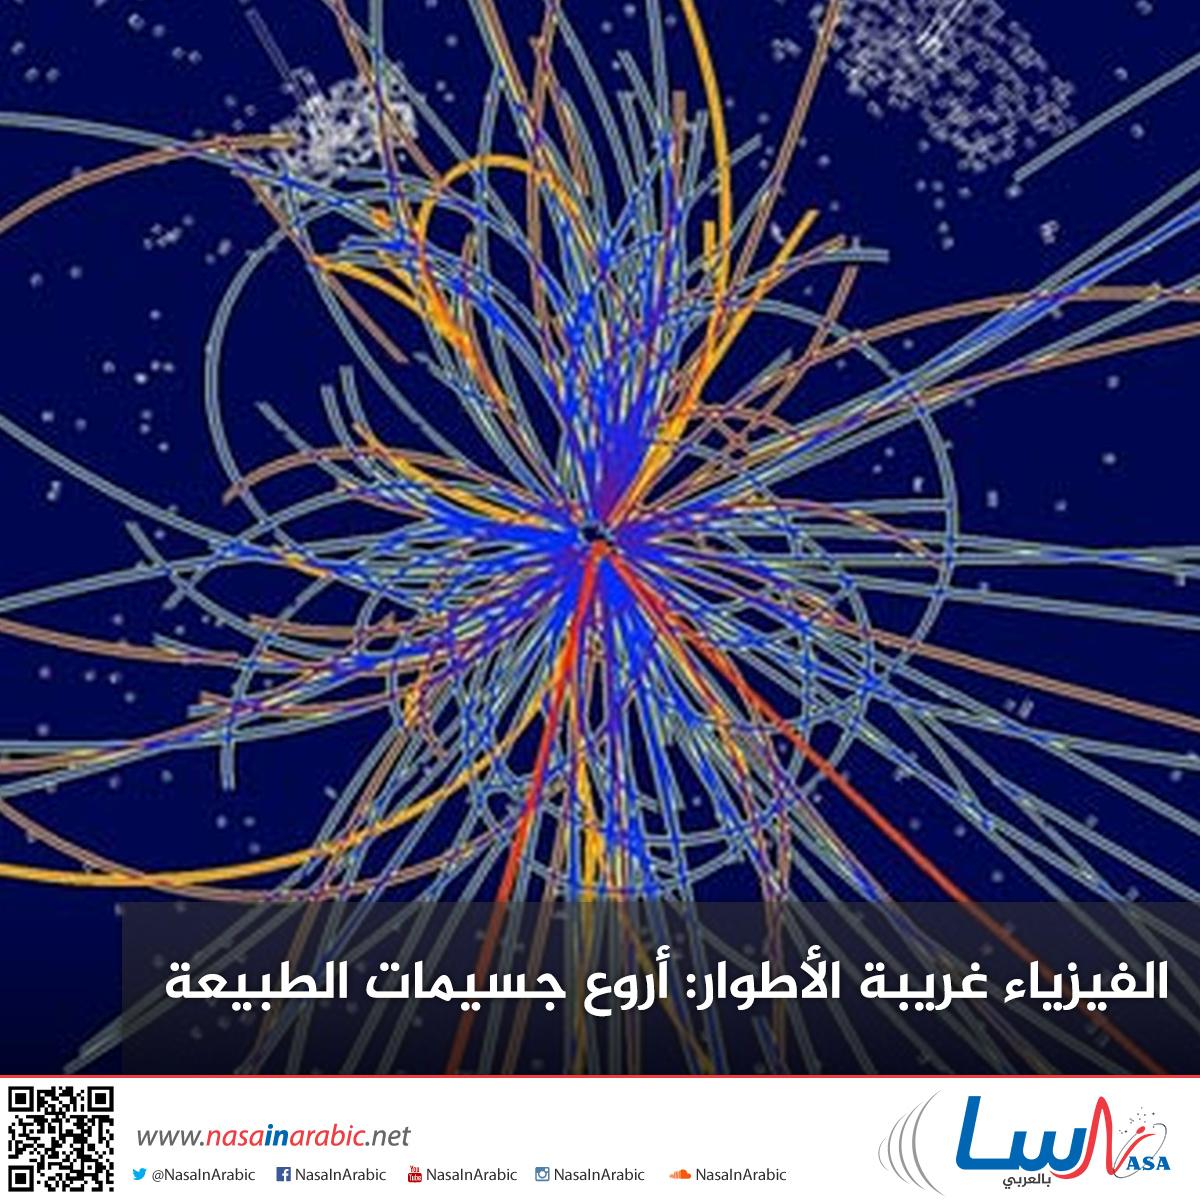 الفيزياء غريبة الأطوار: أروع جسيمات الطبيعة